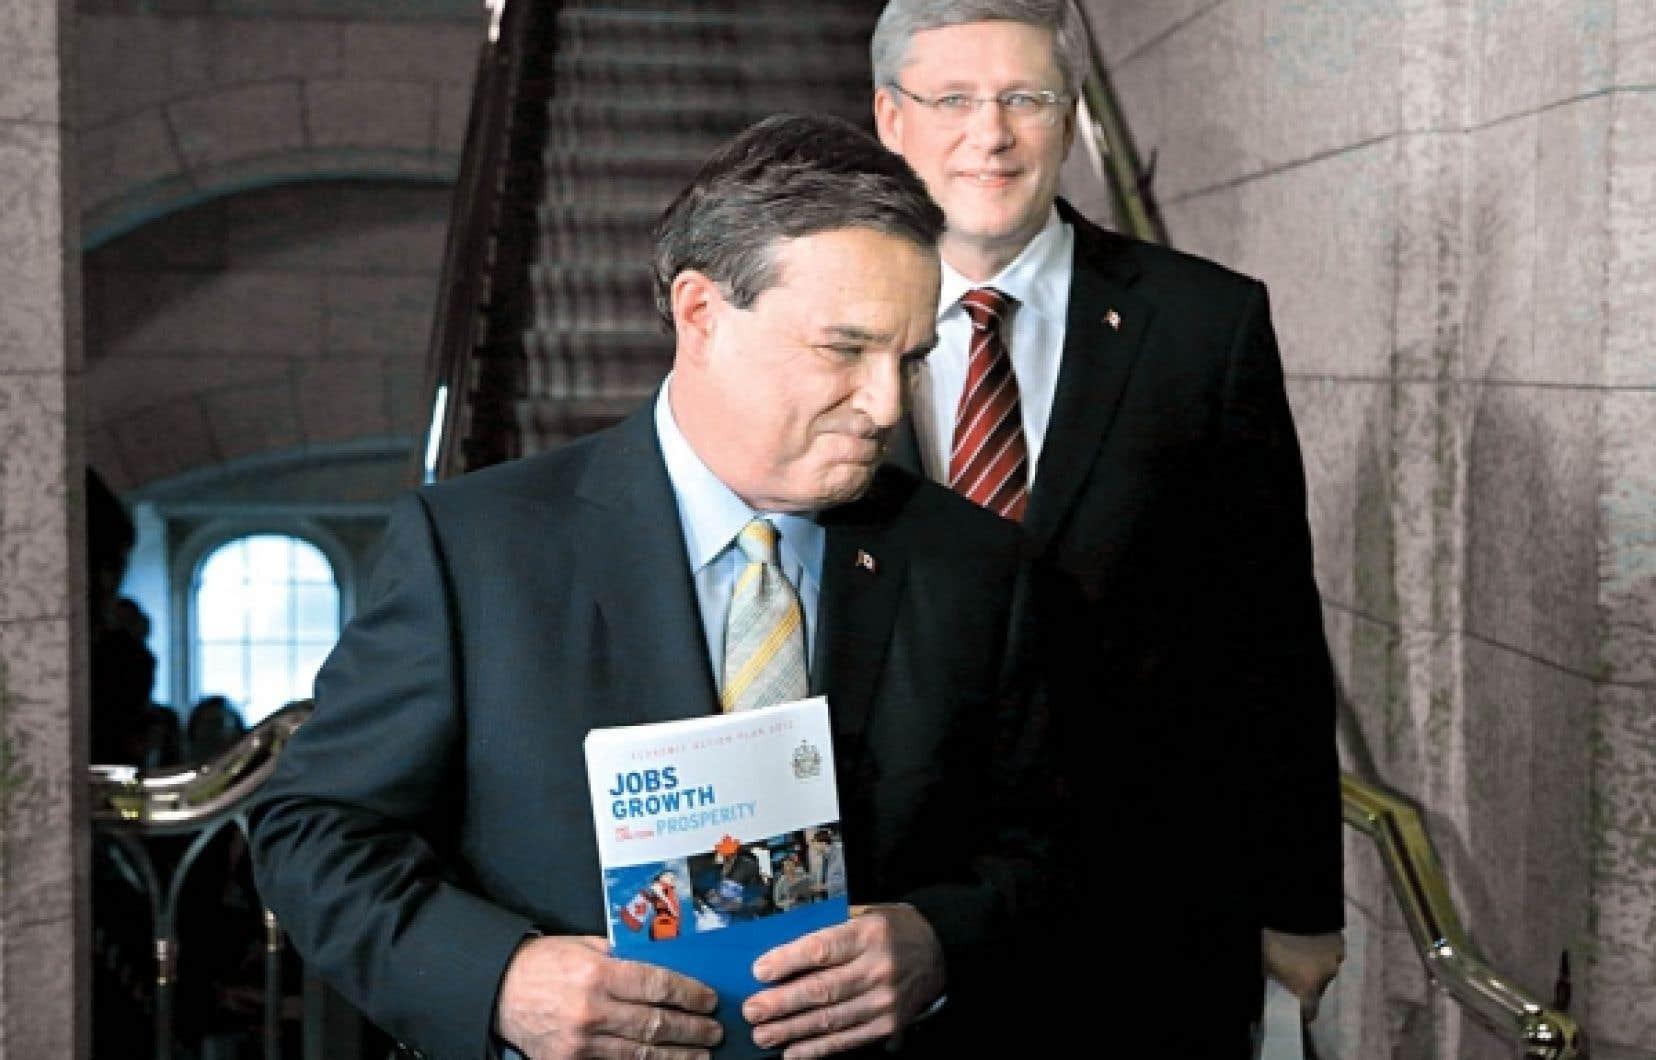 «Les réductions de dépenses sont modérées. Elles sont loin de celles de la Grande-Bretagne, qui représentent environ de 4% de son PIB, ou encore de ce que Paul Martin et Jean Chrétien ont fait dans les années 1990», a dit hier le ministre des Finances, Jim Flaherty.